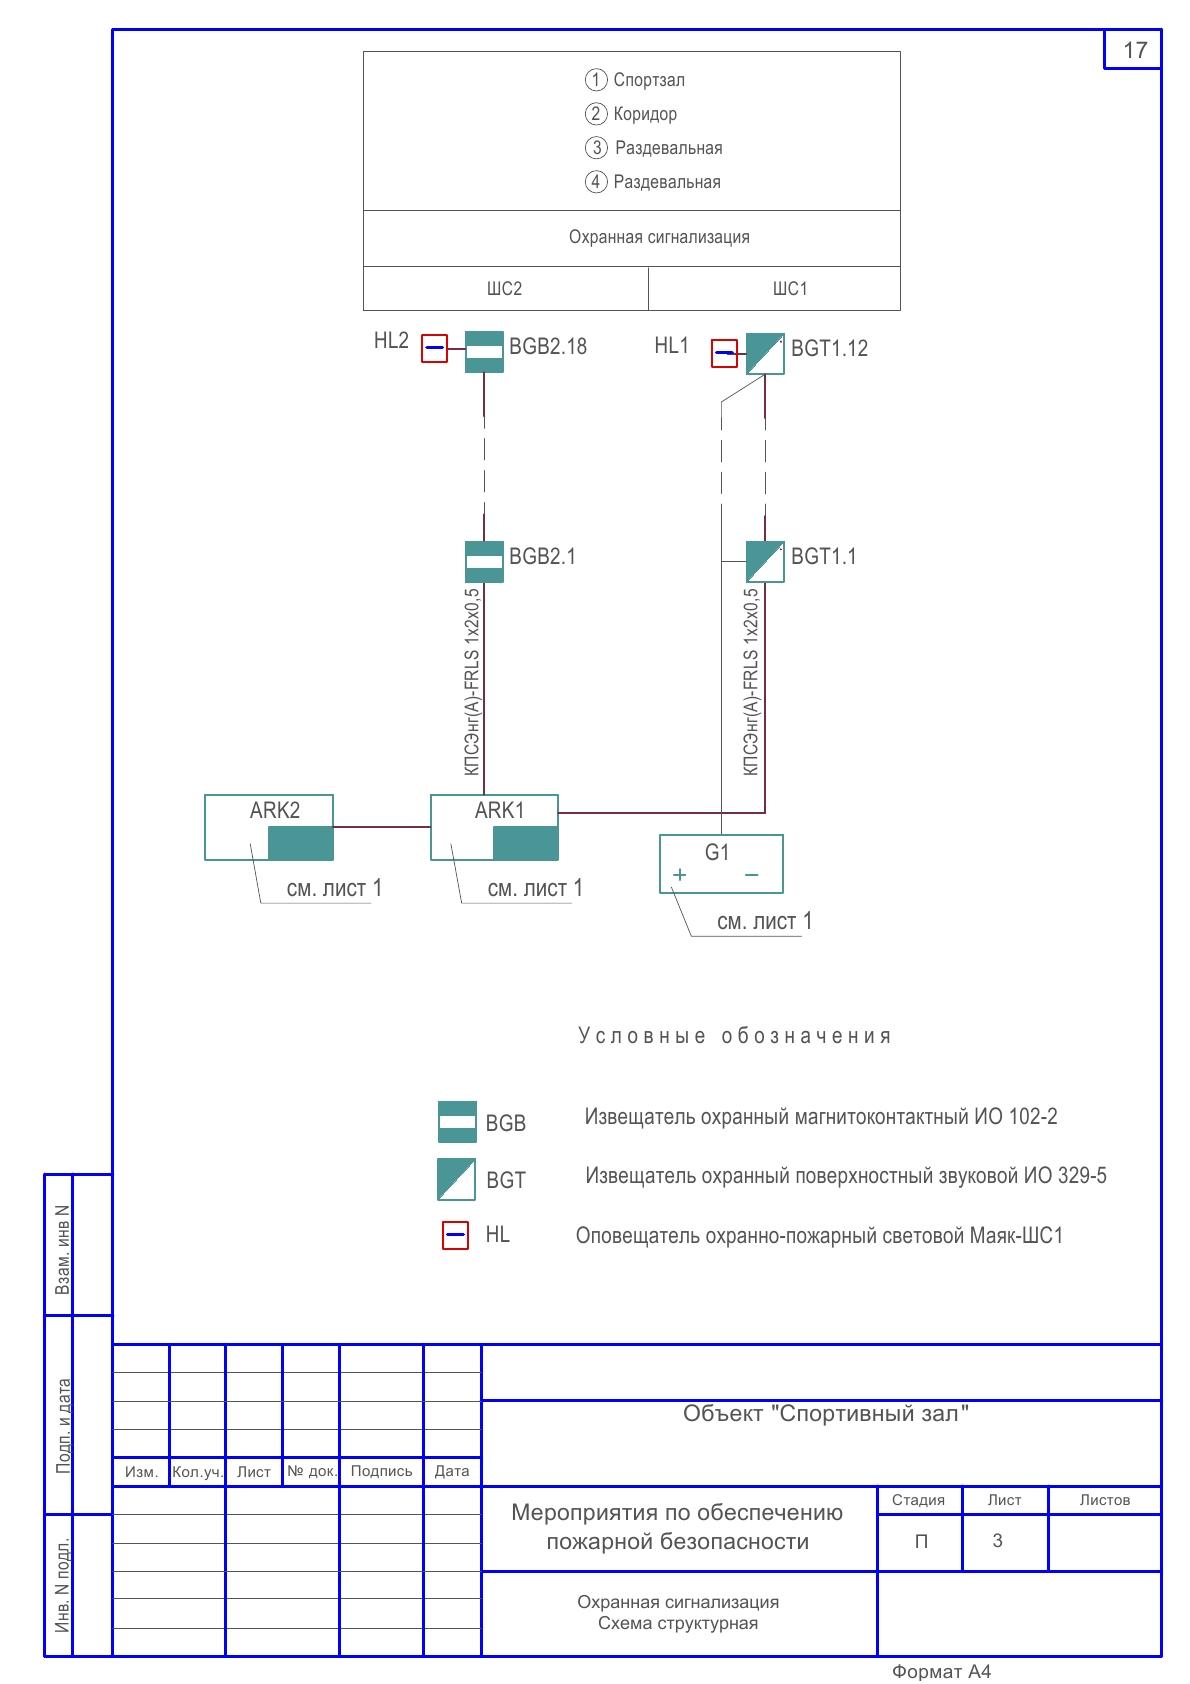 Обозначения на схемах охранной сигнализации